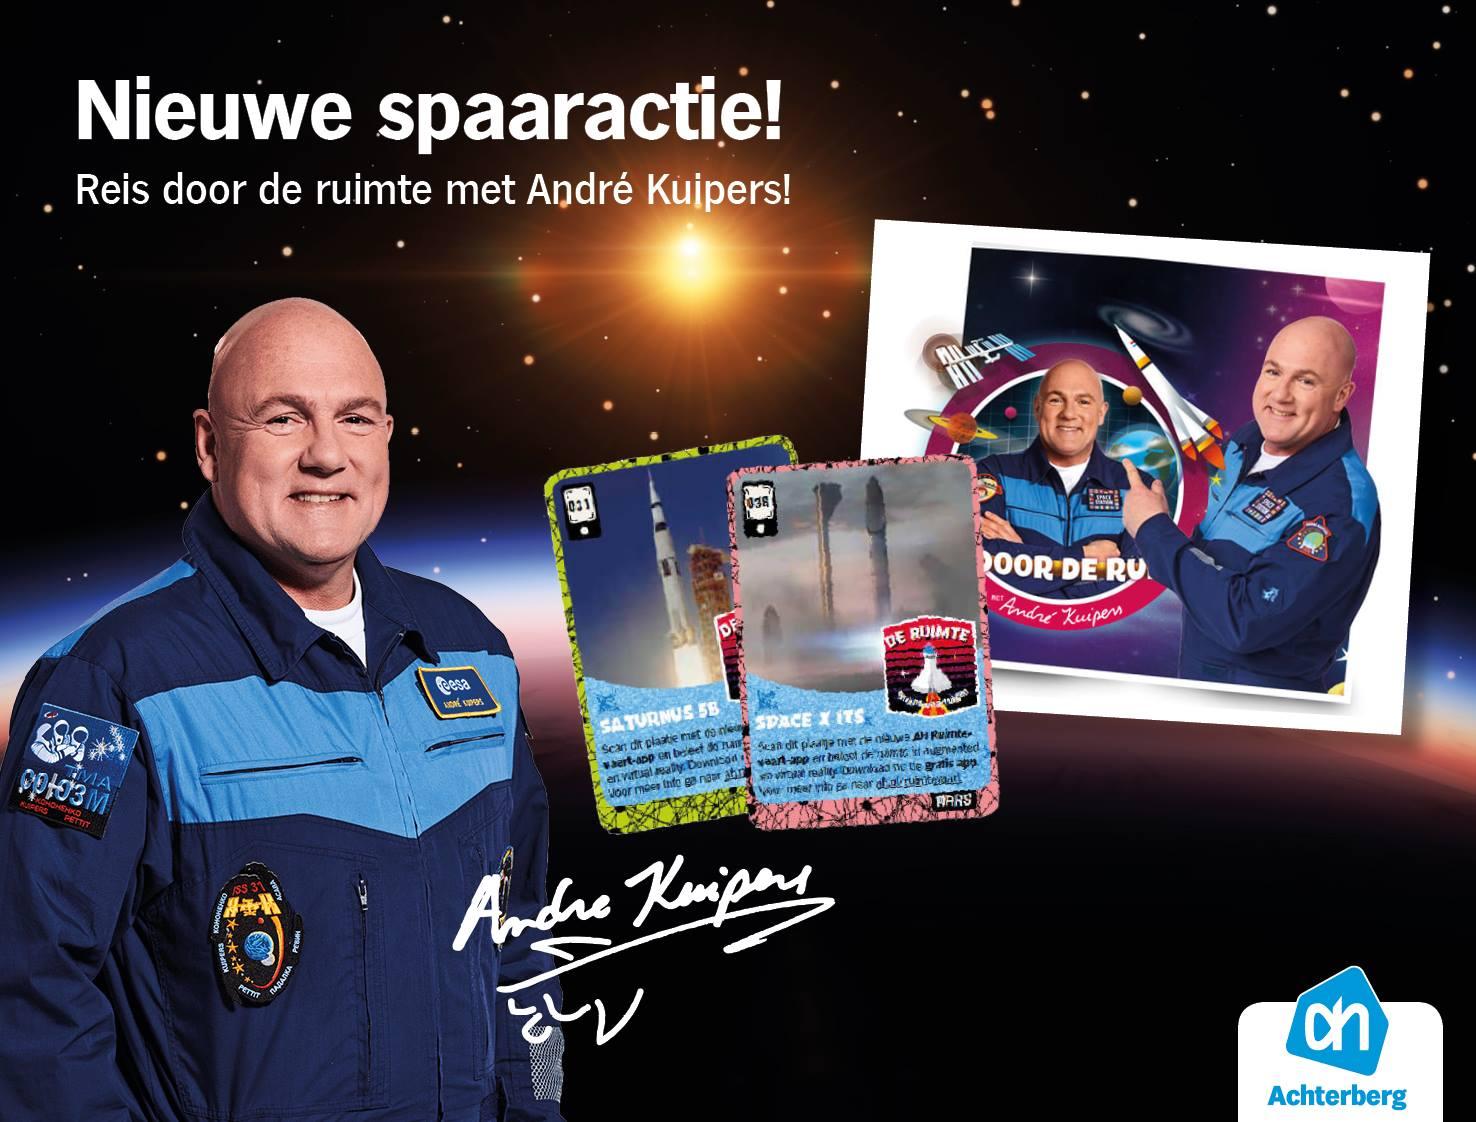 Nieuwe spaaractie: Reis door de ruimte met André Kuipers!